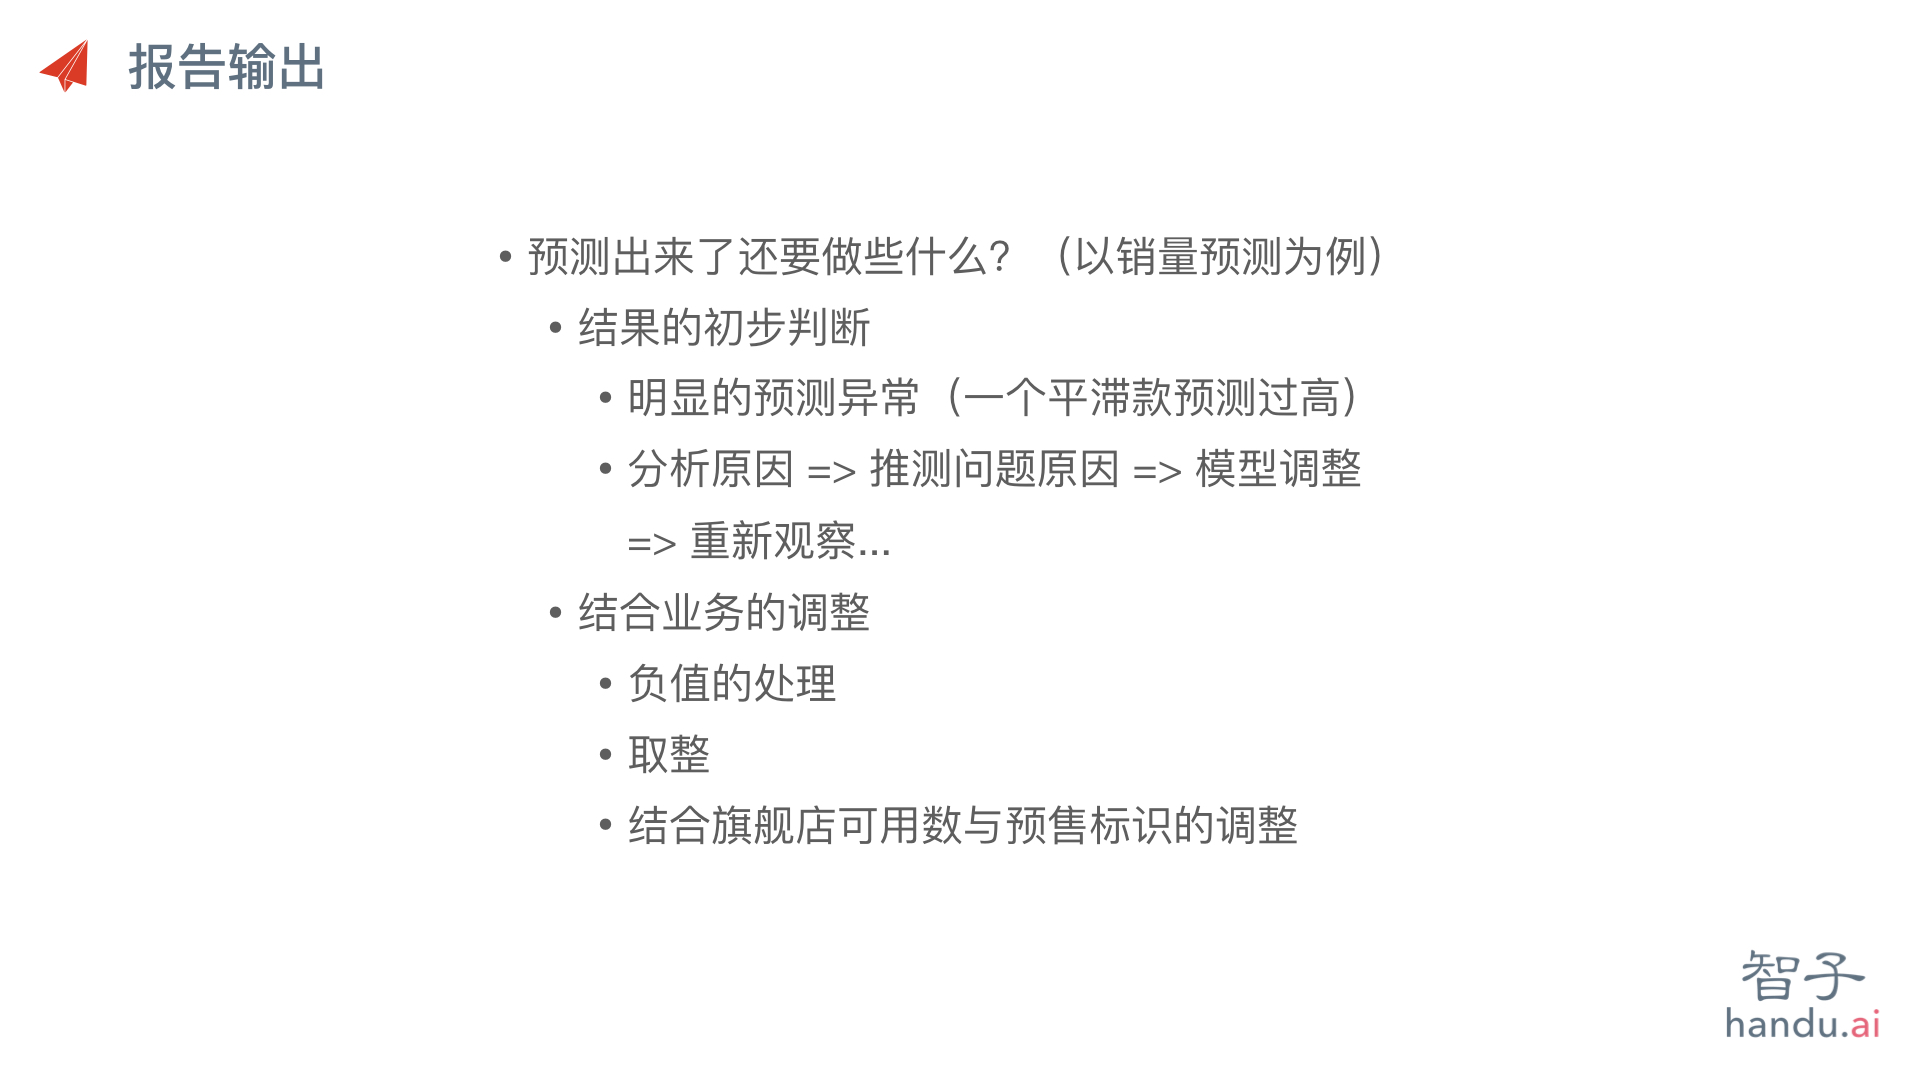 智子模型评估与输出.010.jpeg